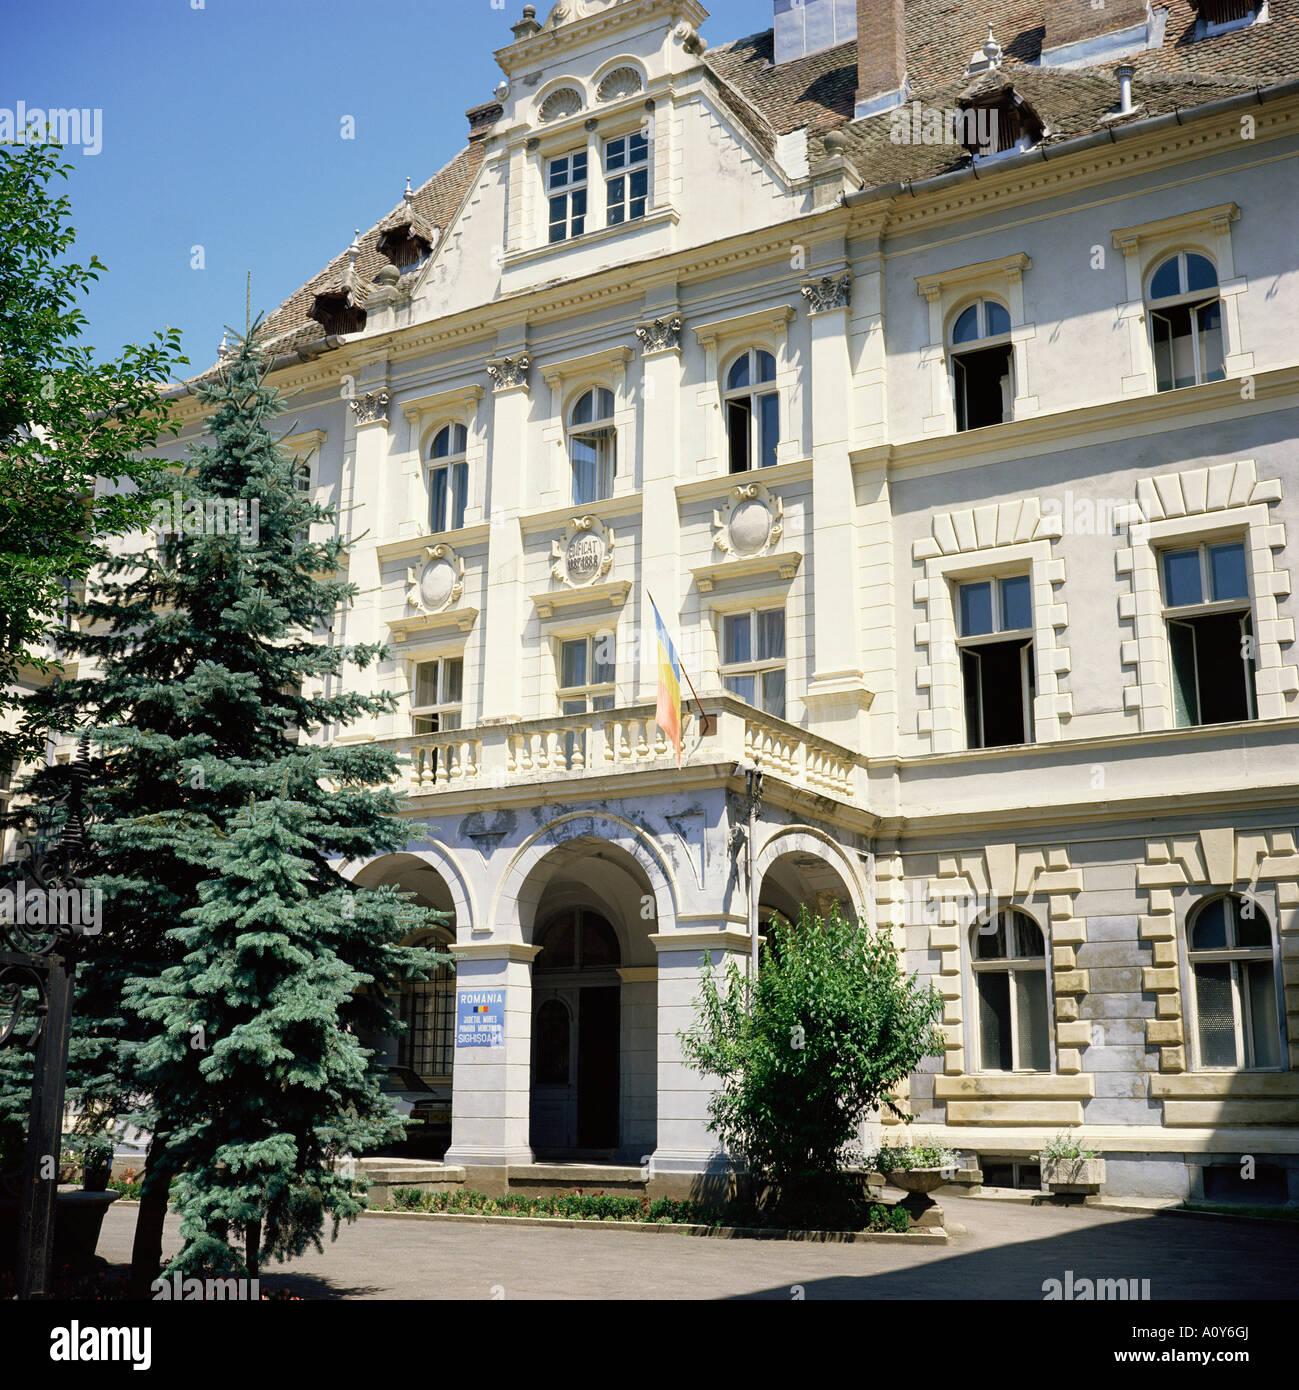 Town Council Building